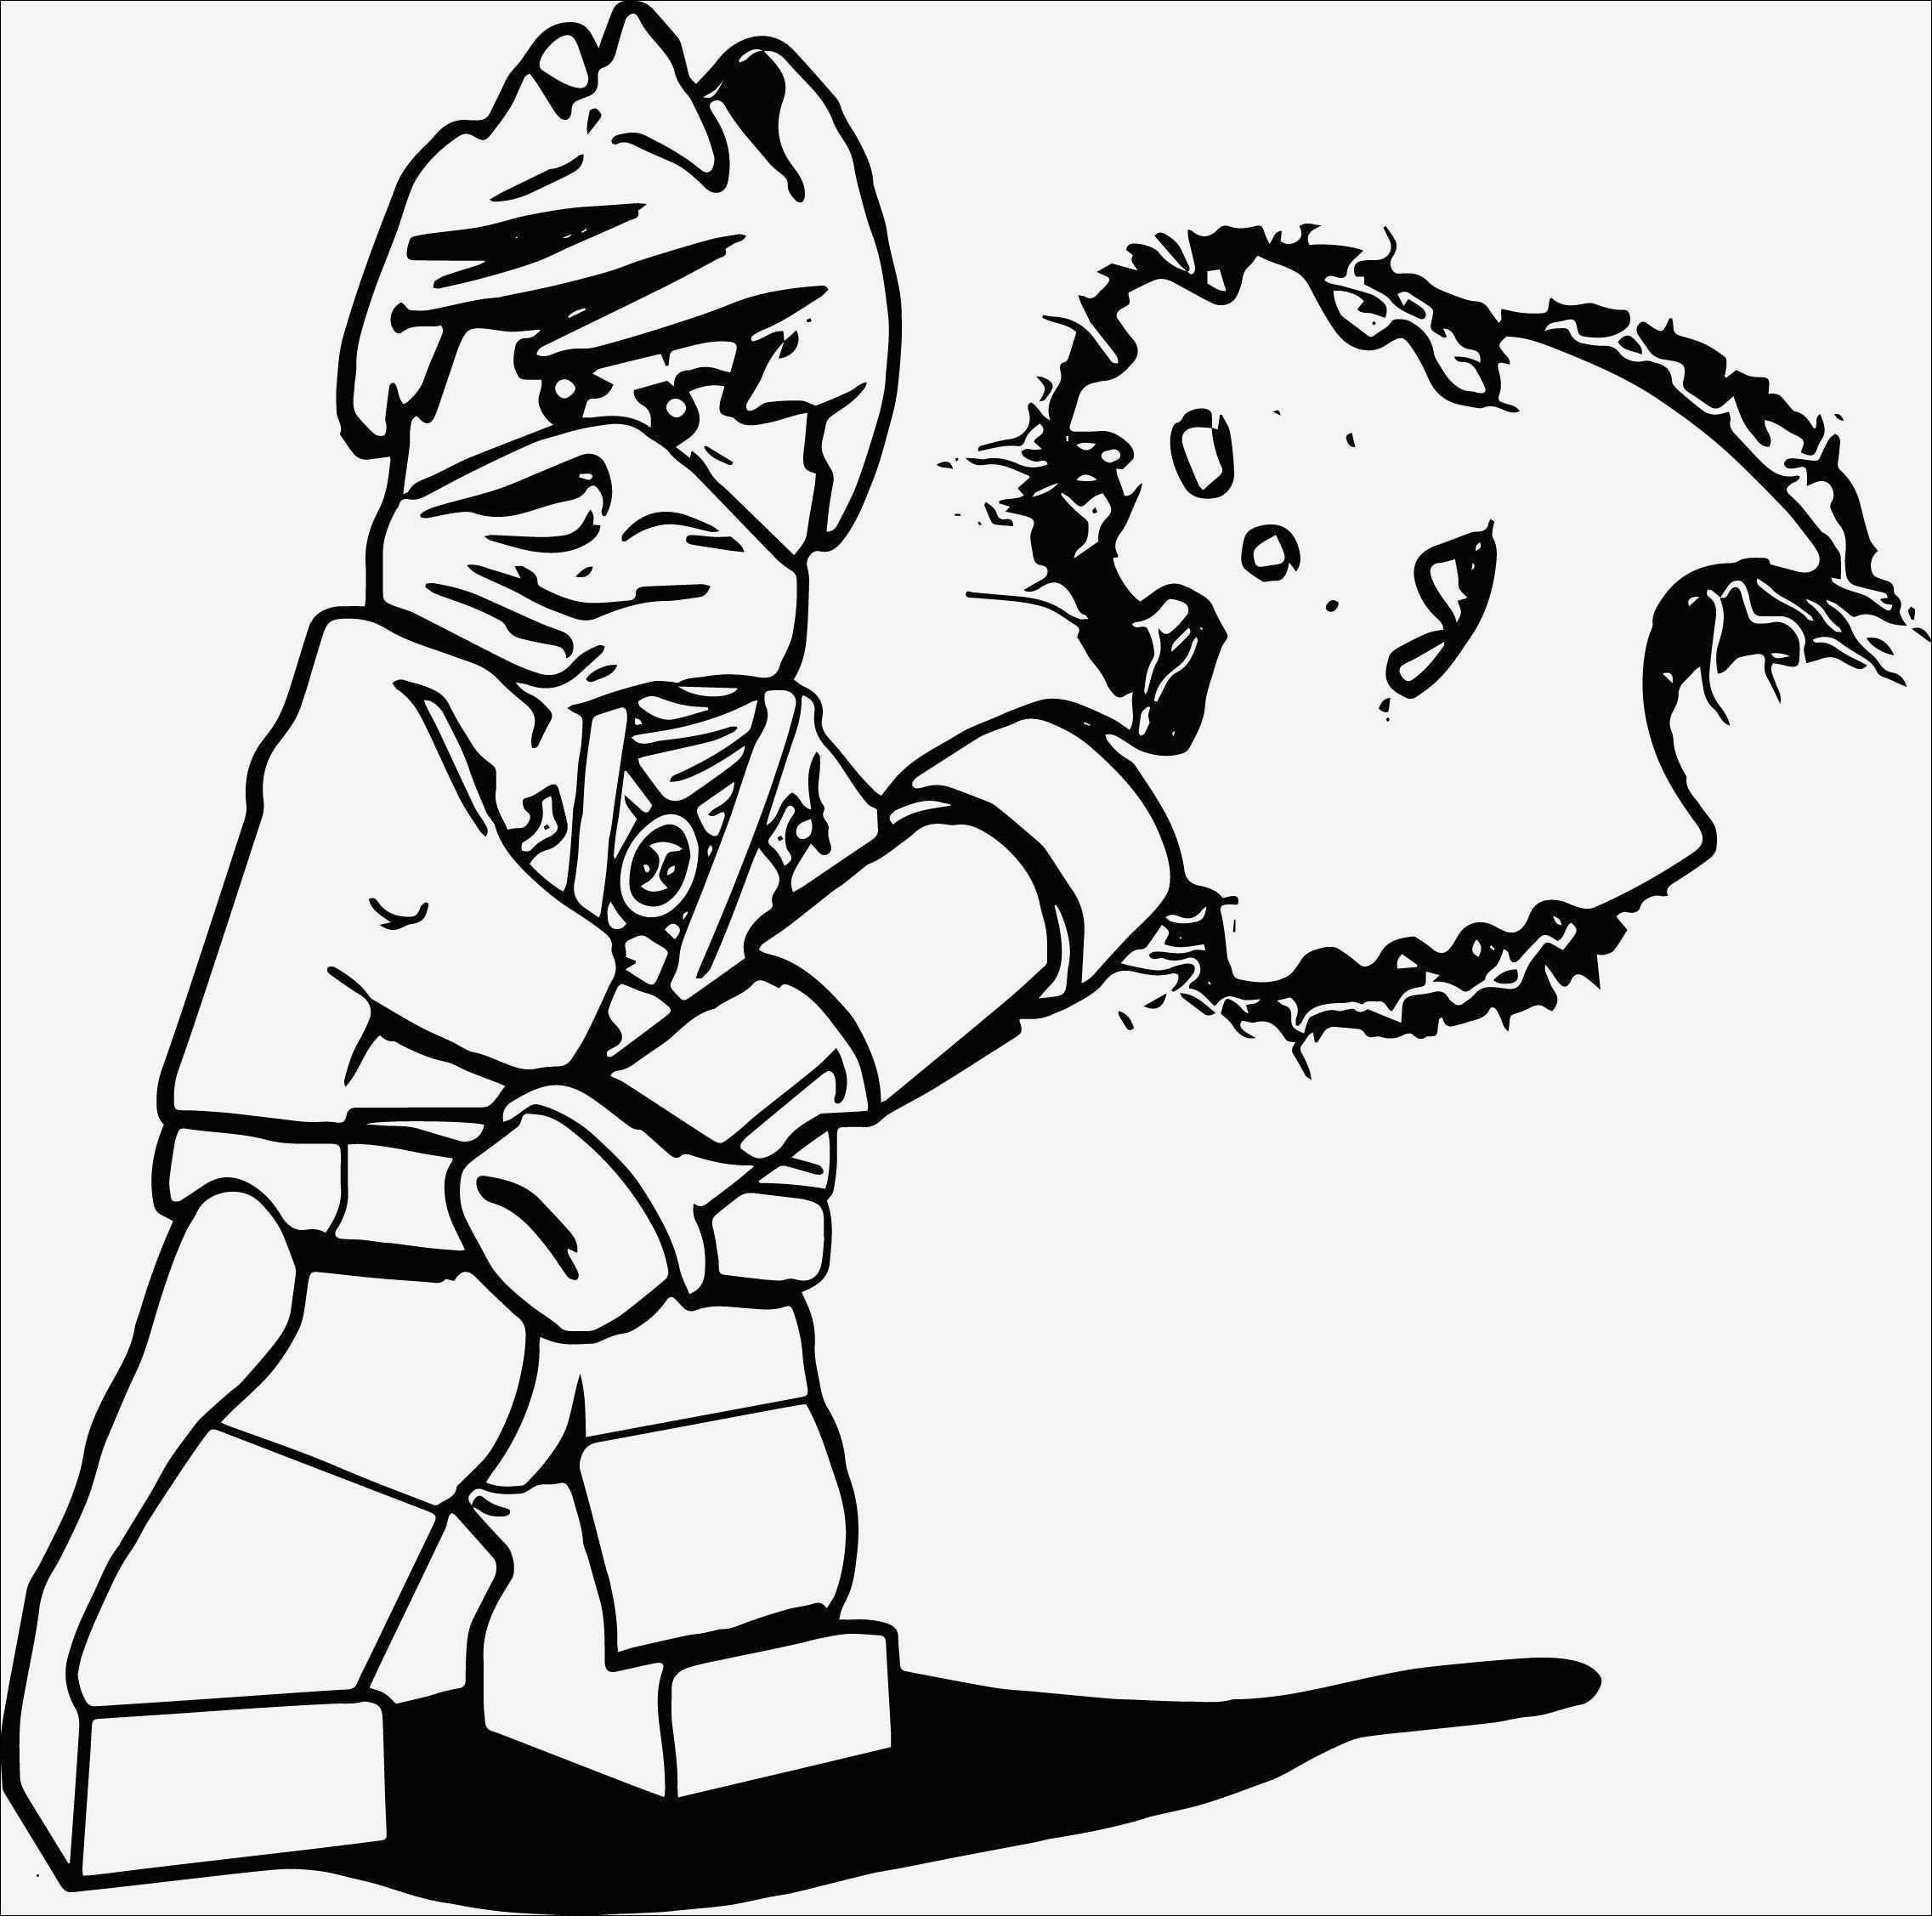 ninjago coloring pages kai 2015 exo | 99 Frisch Ninjago Ausmalbilder Lord Garmadon Stock ...